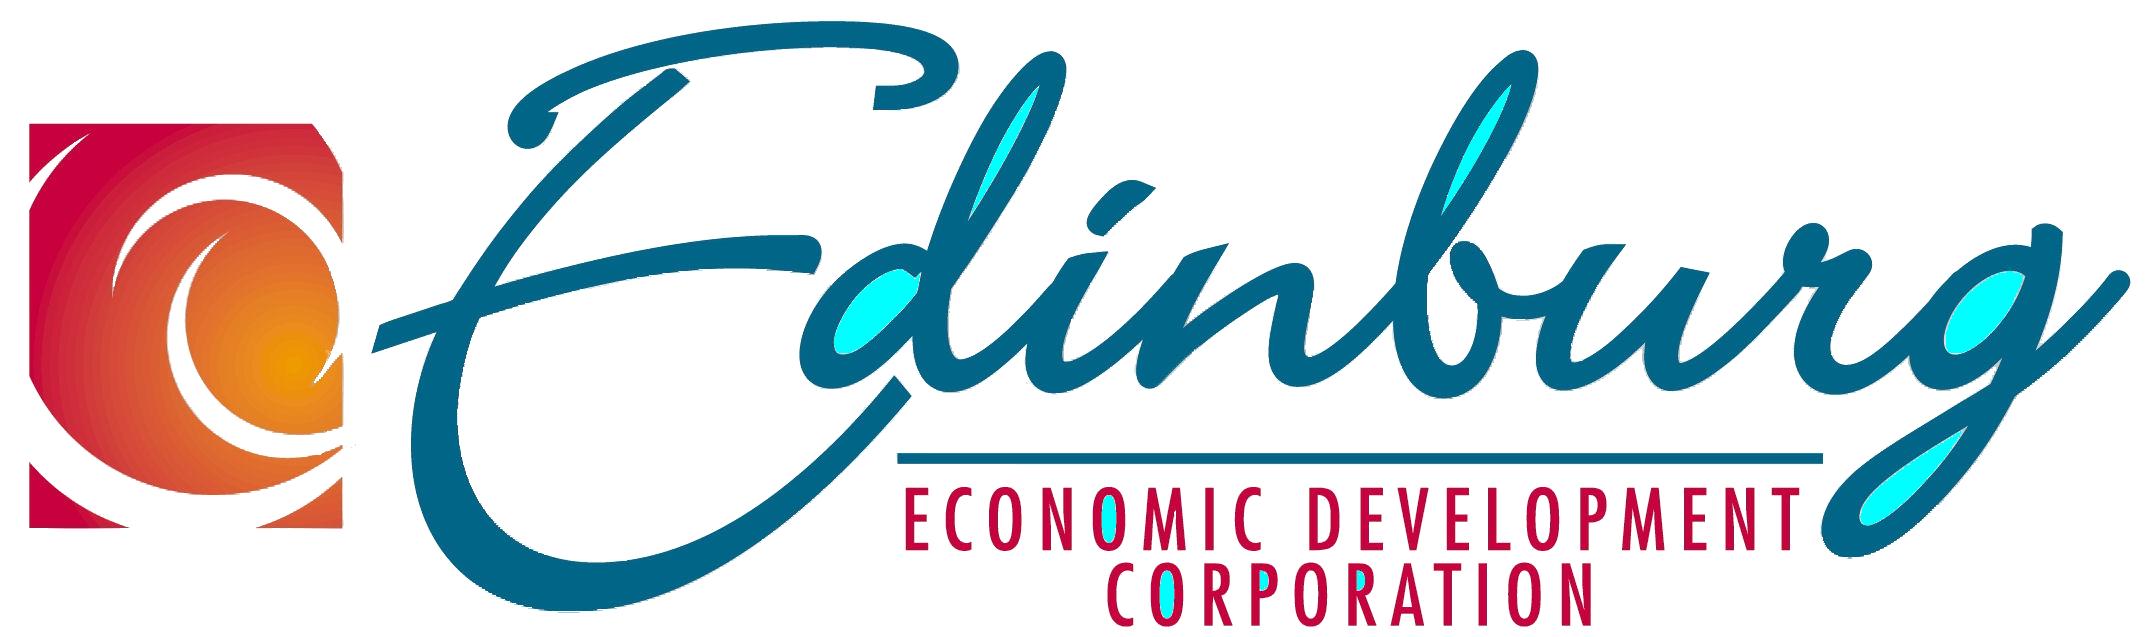 EEDC logo.png